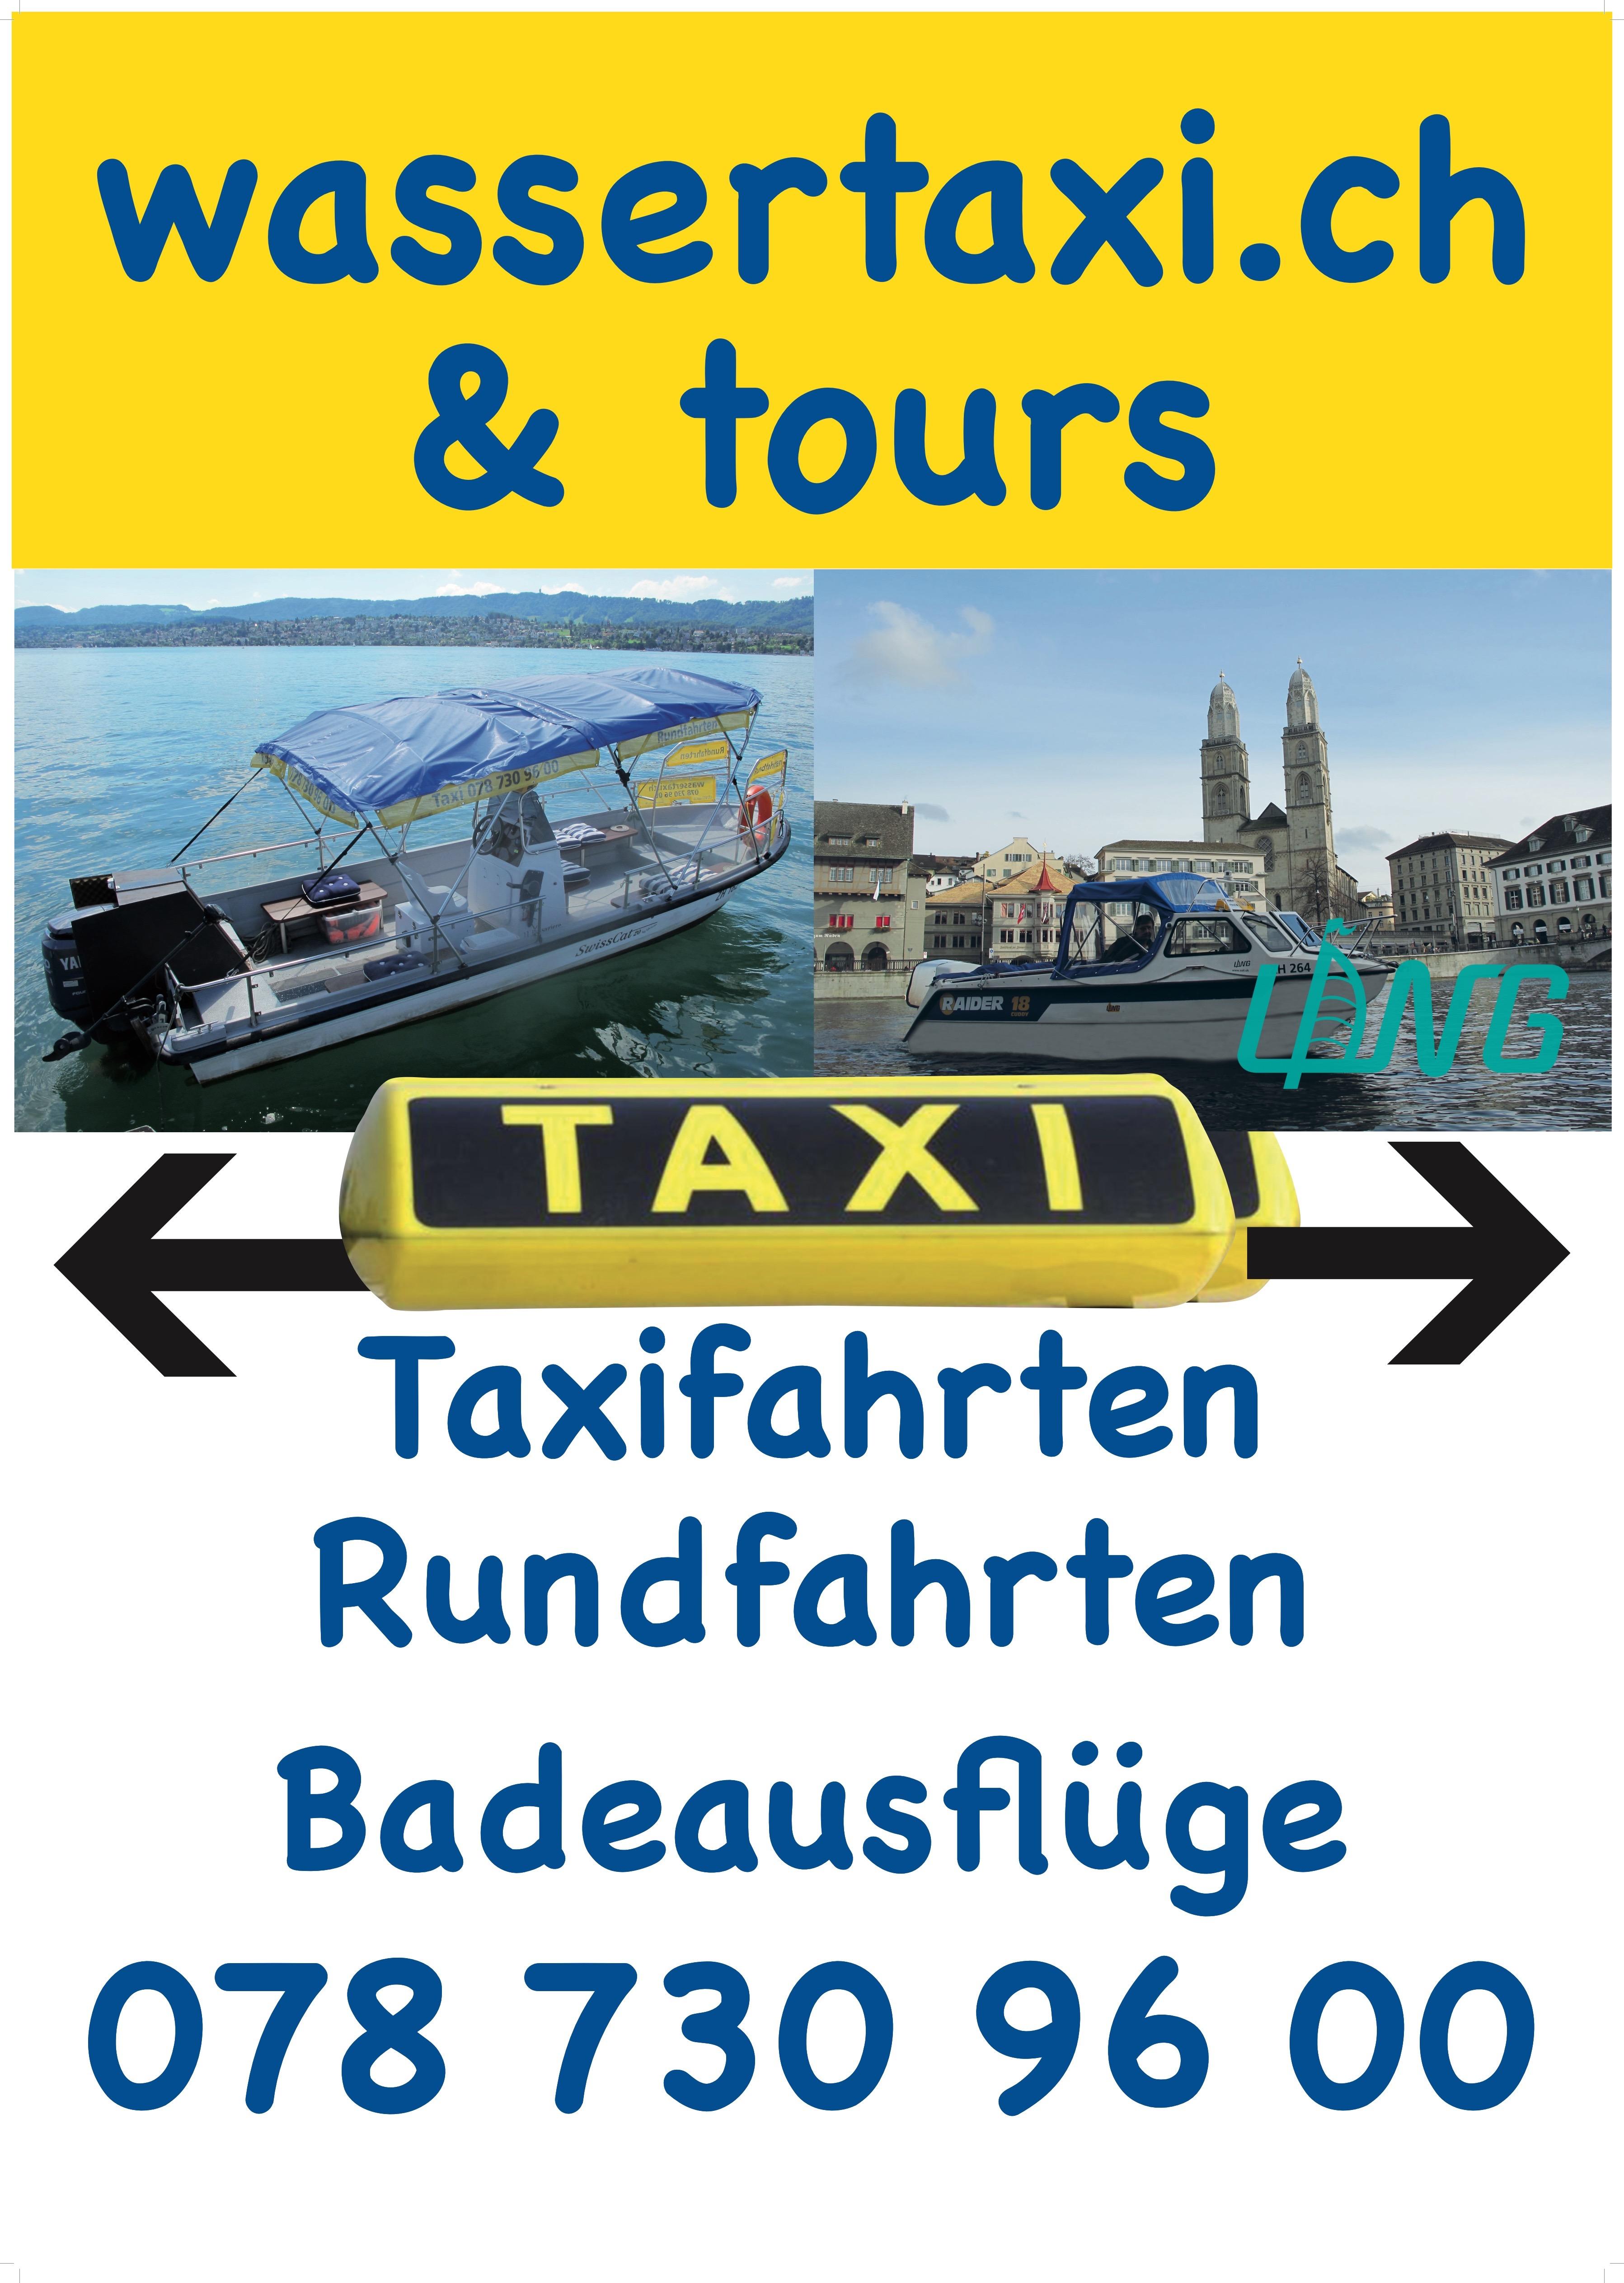 Wassertaxi Zürichsee buchen - Bootsfahrten Limmat günstig - Schiffahrt Ufenau und Lützelau